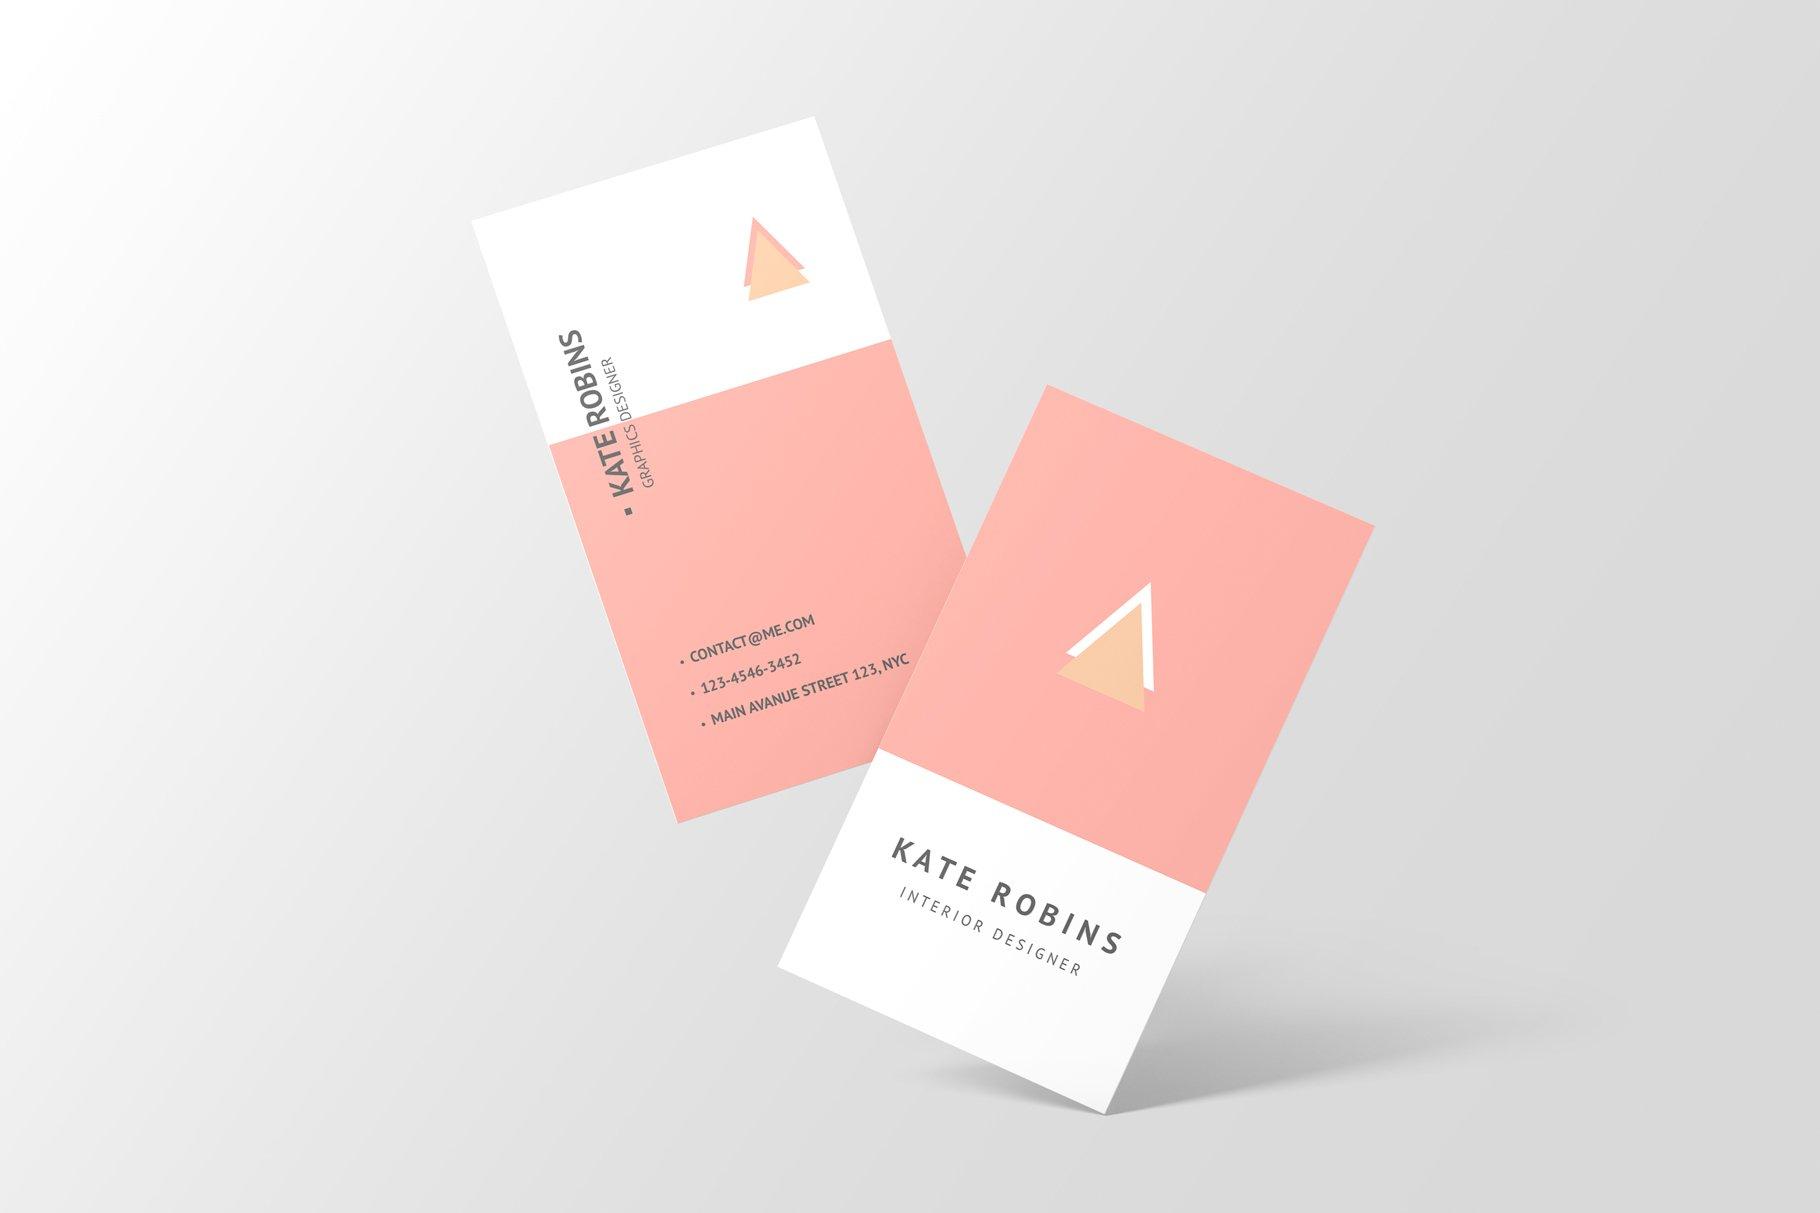 14款商务个人名片卡片设计展示样机 Portrait Business Card Mockup插图(4)